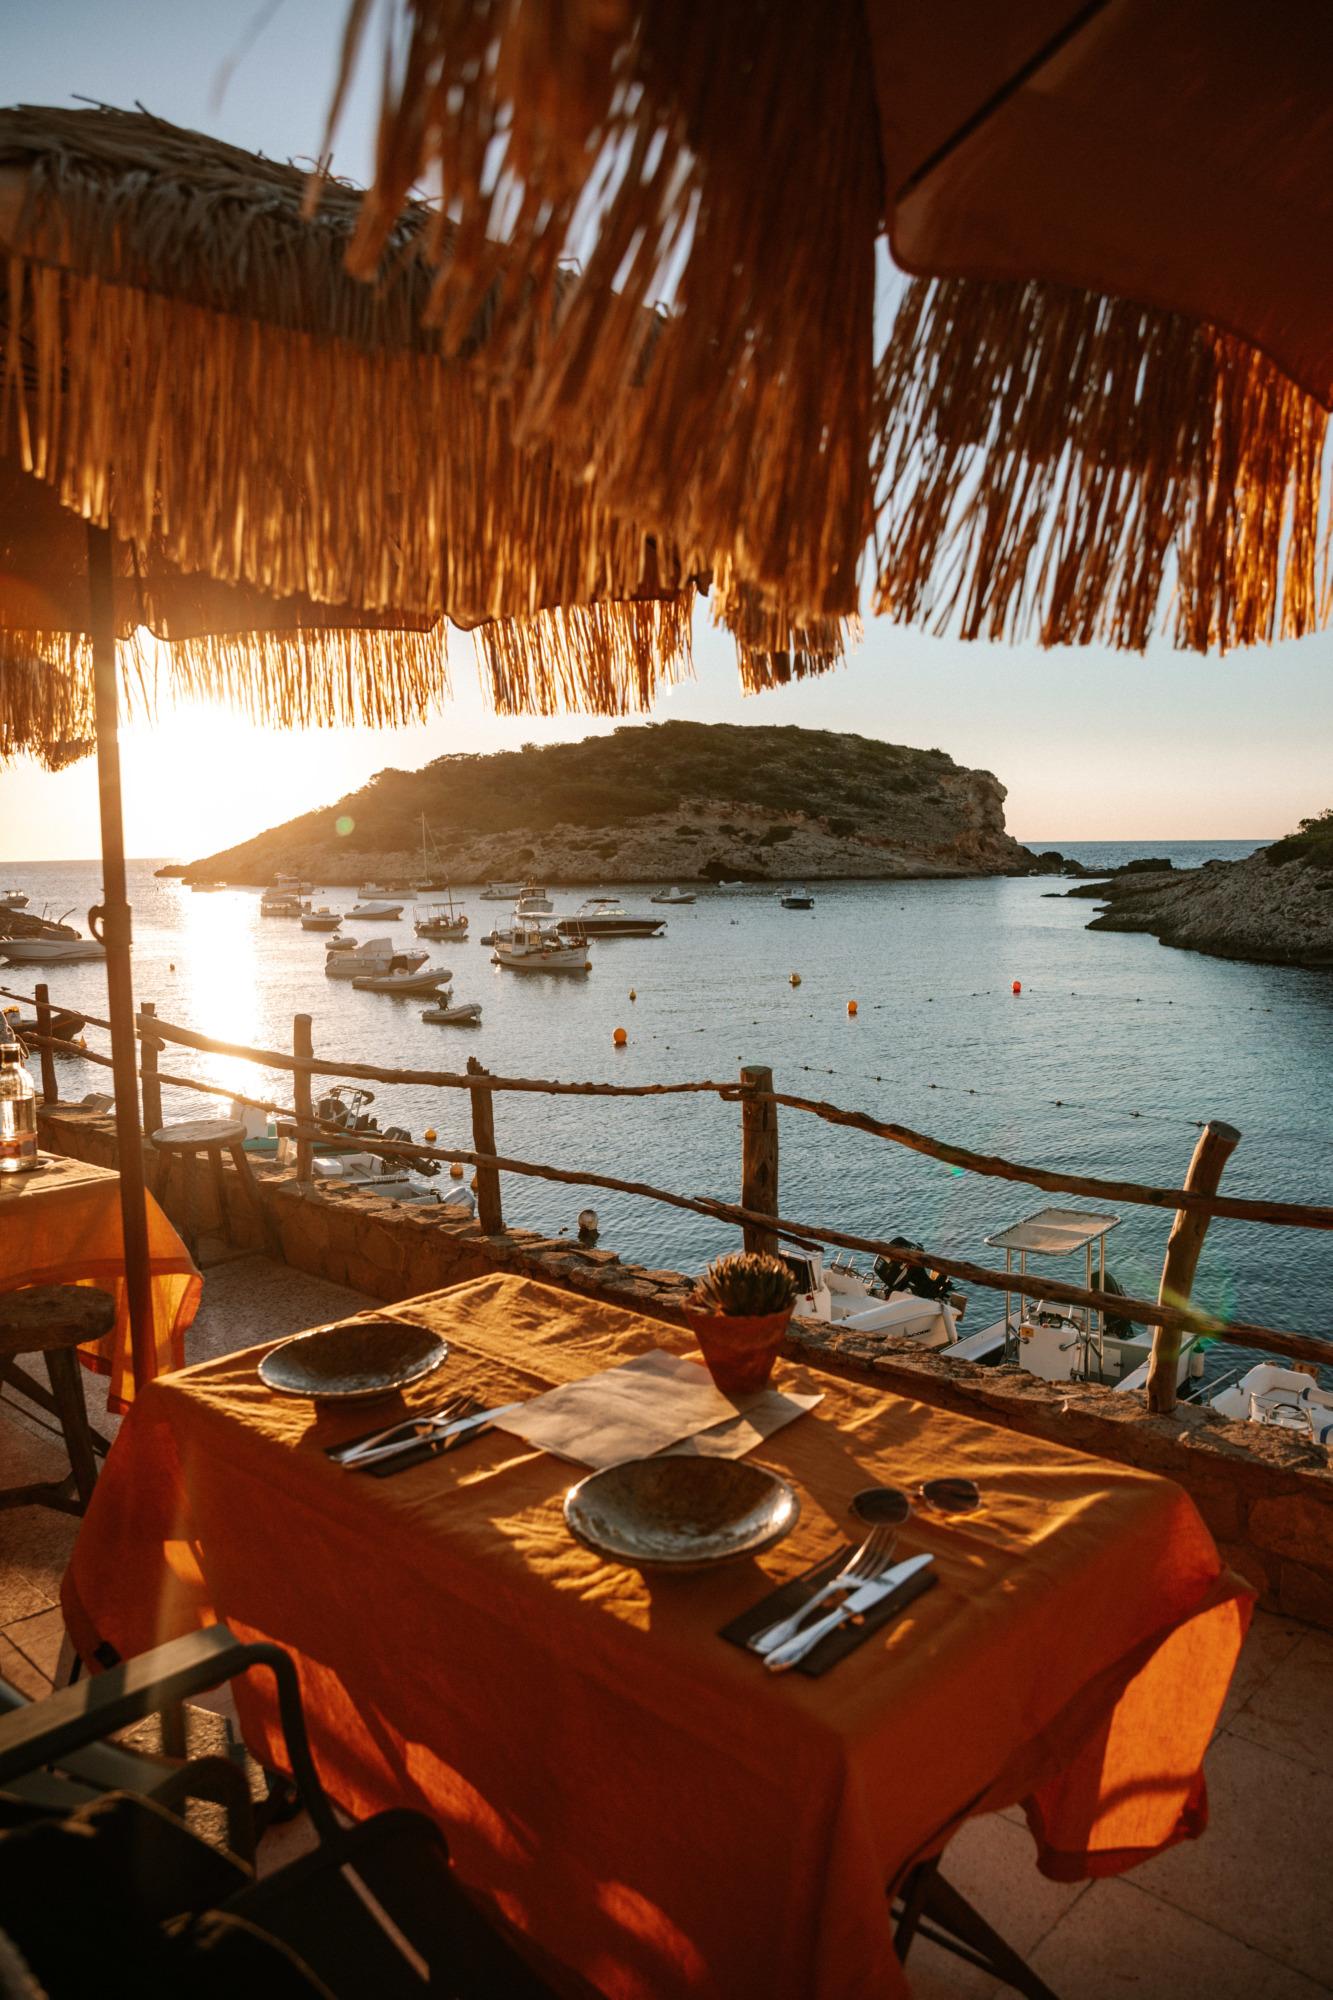 Los Enamorados Ibiza - Blondie Baby blog voyages